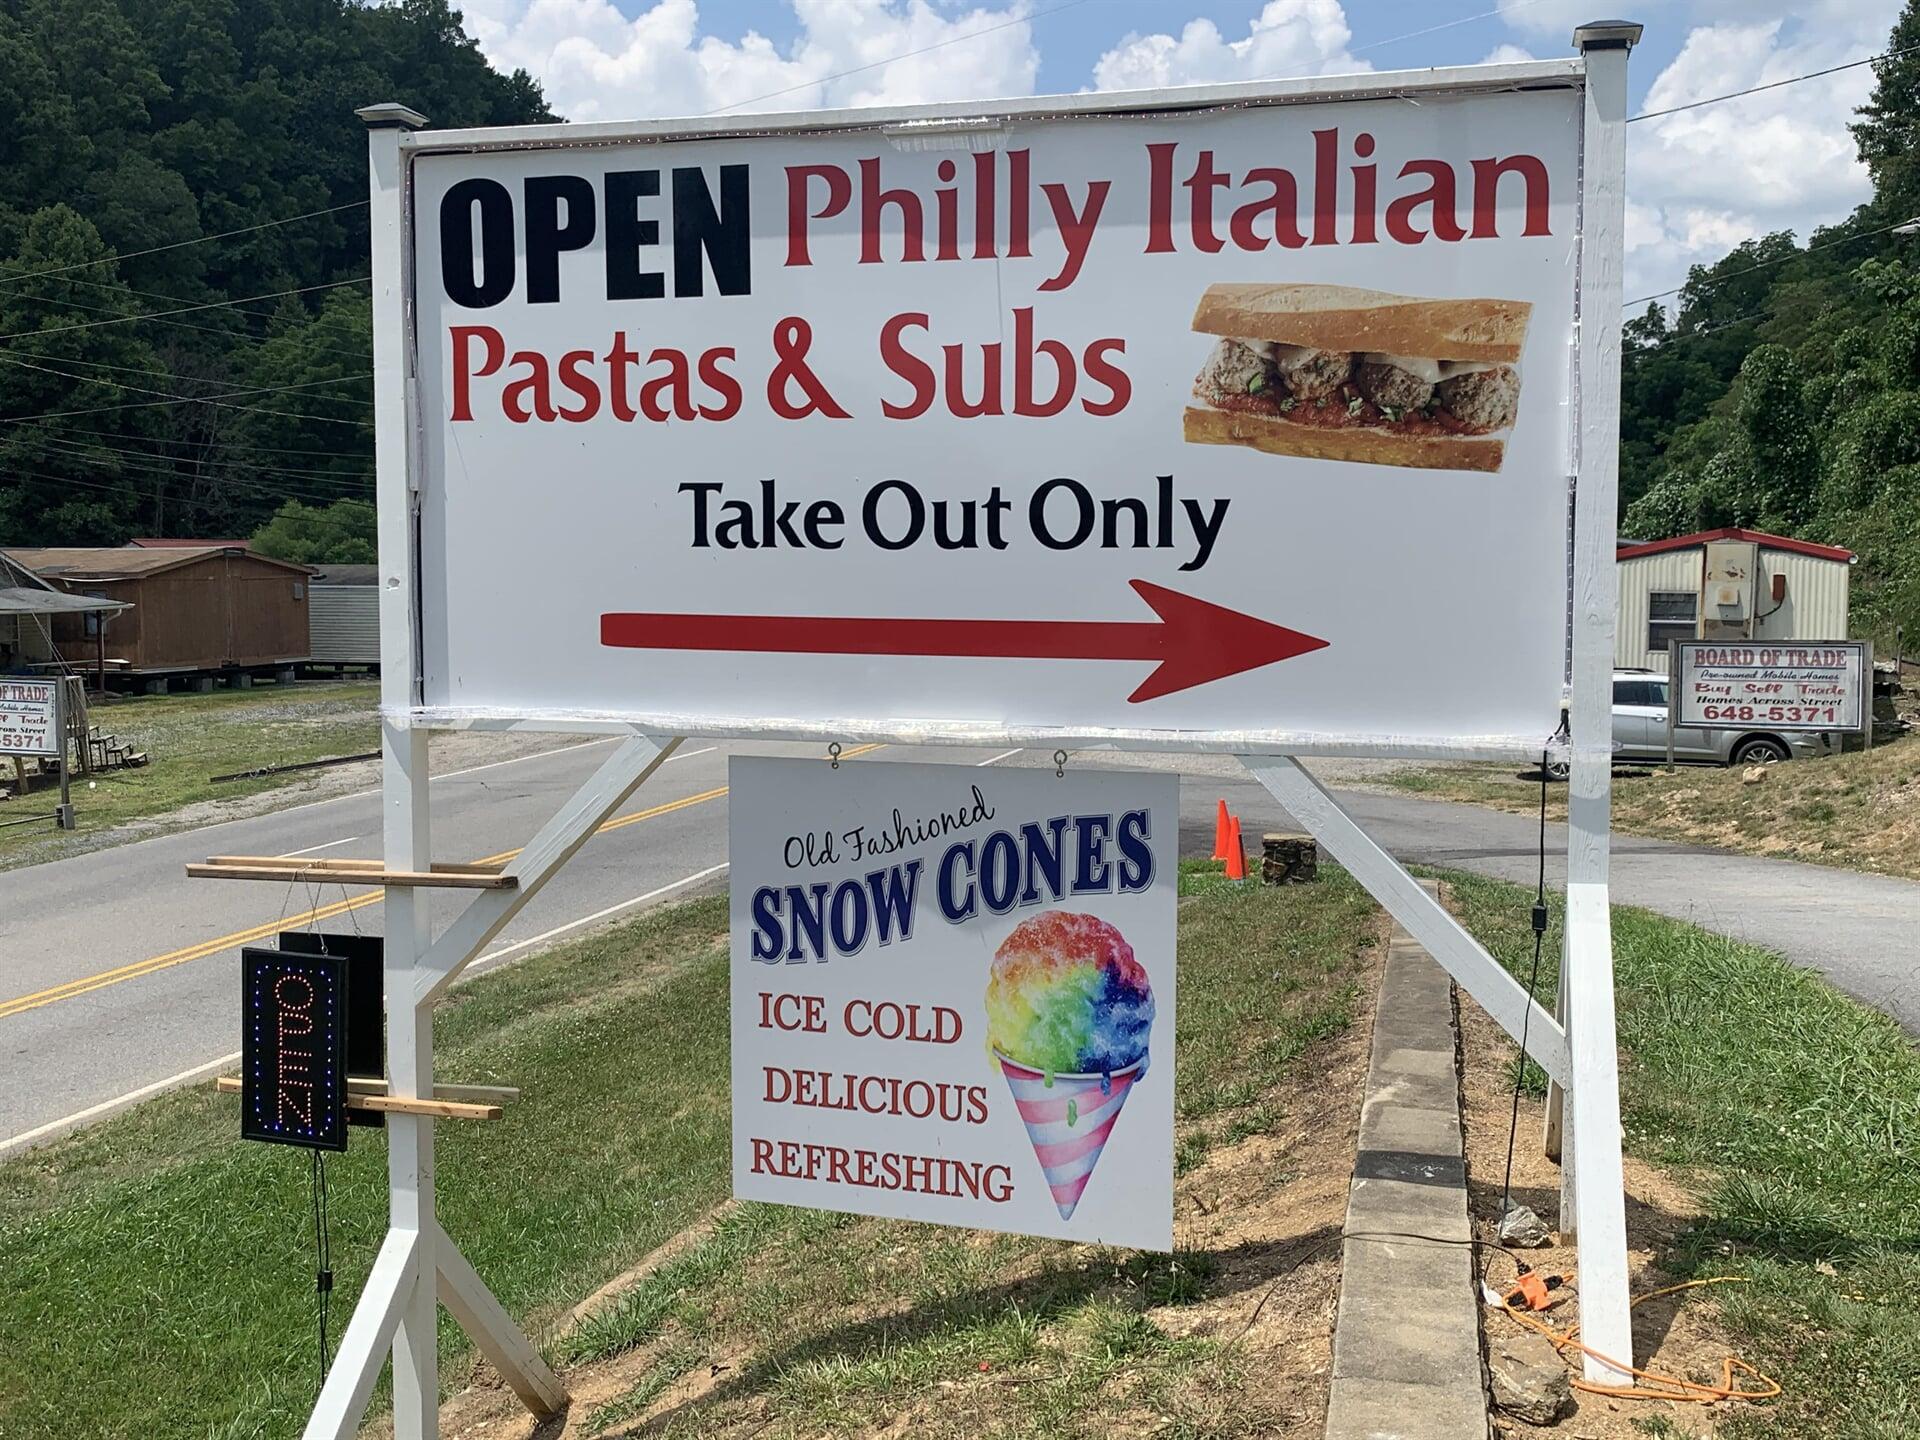 Pasta, South Philly Italian Pastas & Subs